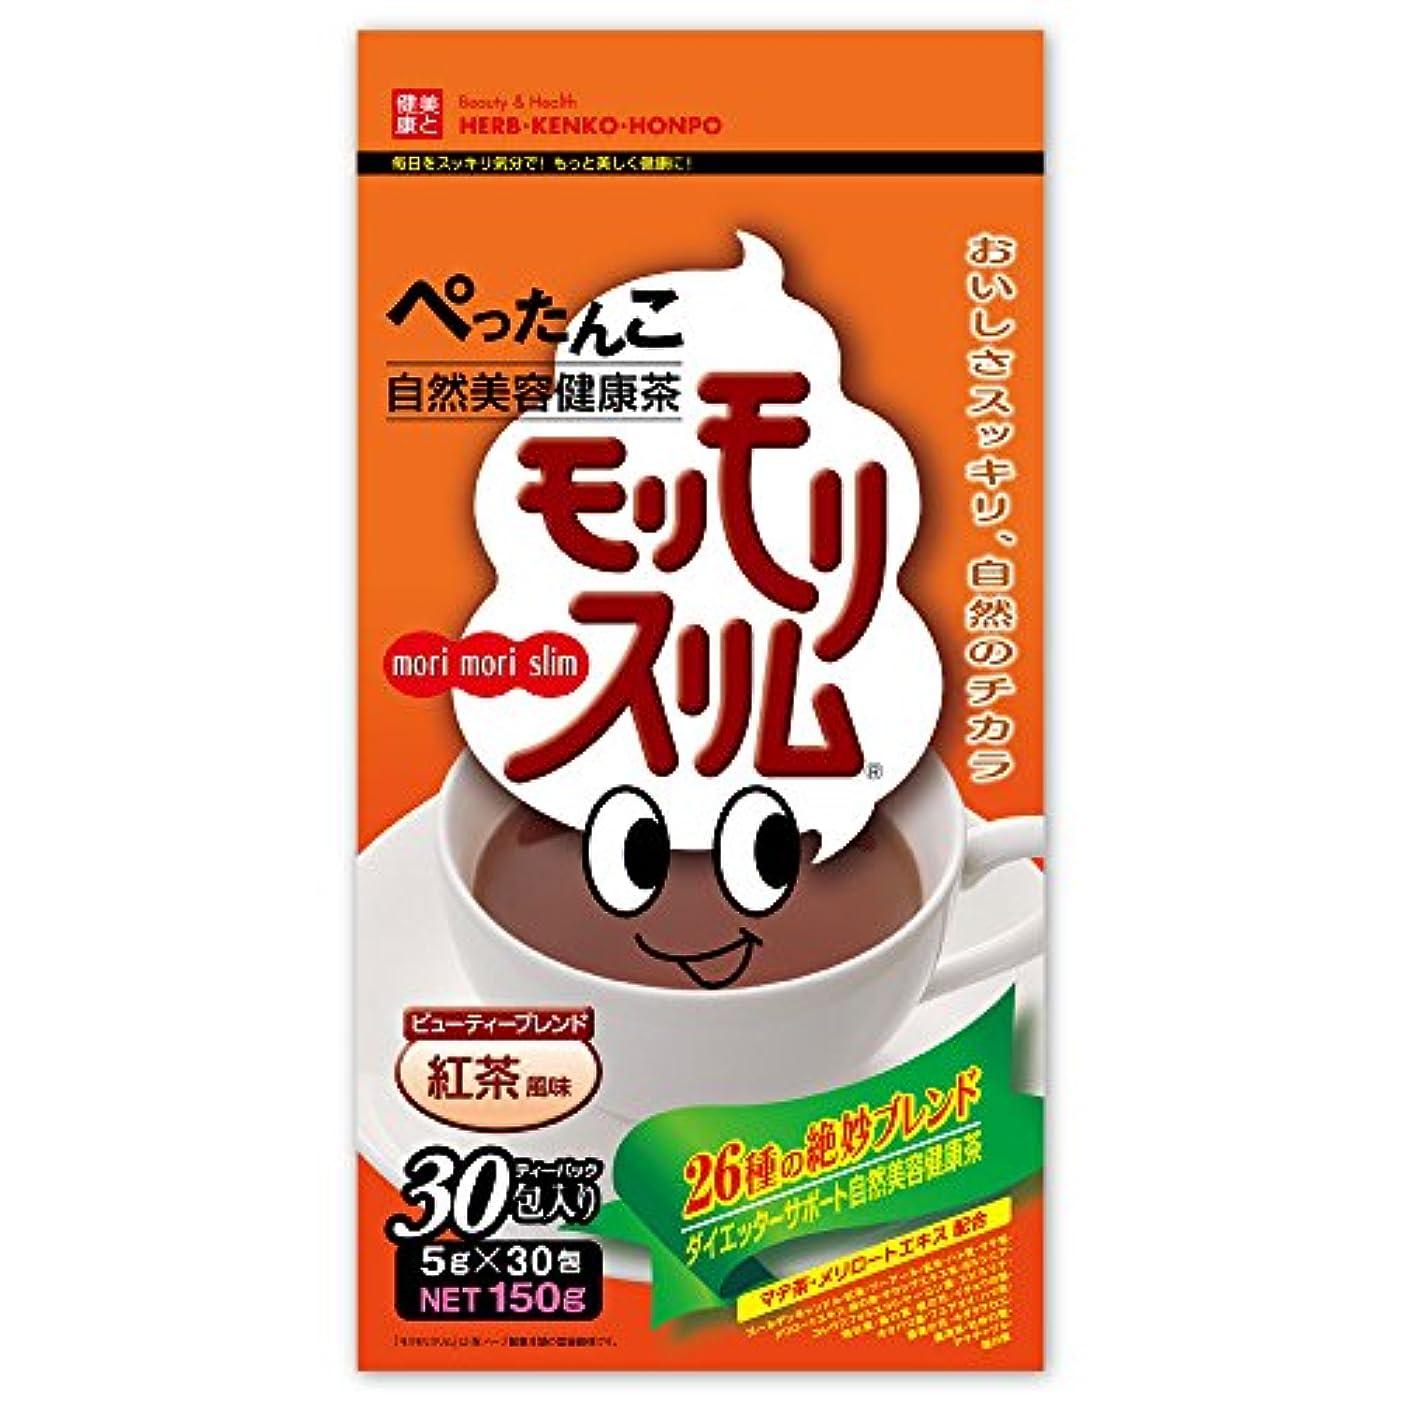 創始者シェア抗議ハーブ健康本舗 モリモリスリム(紅茶風味) (30包)